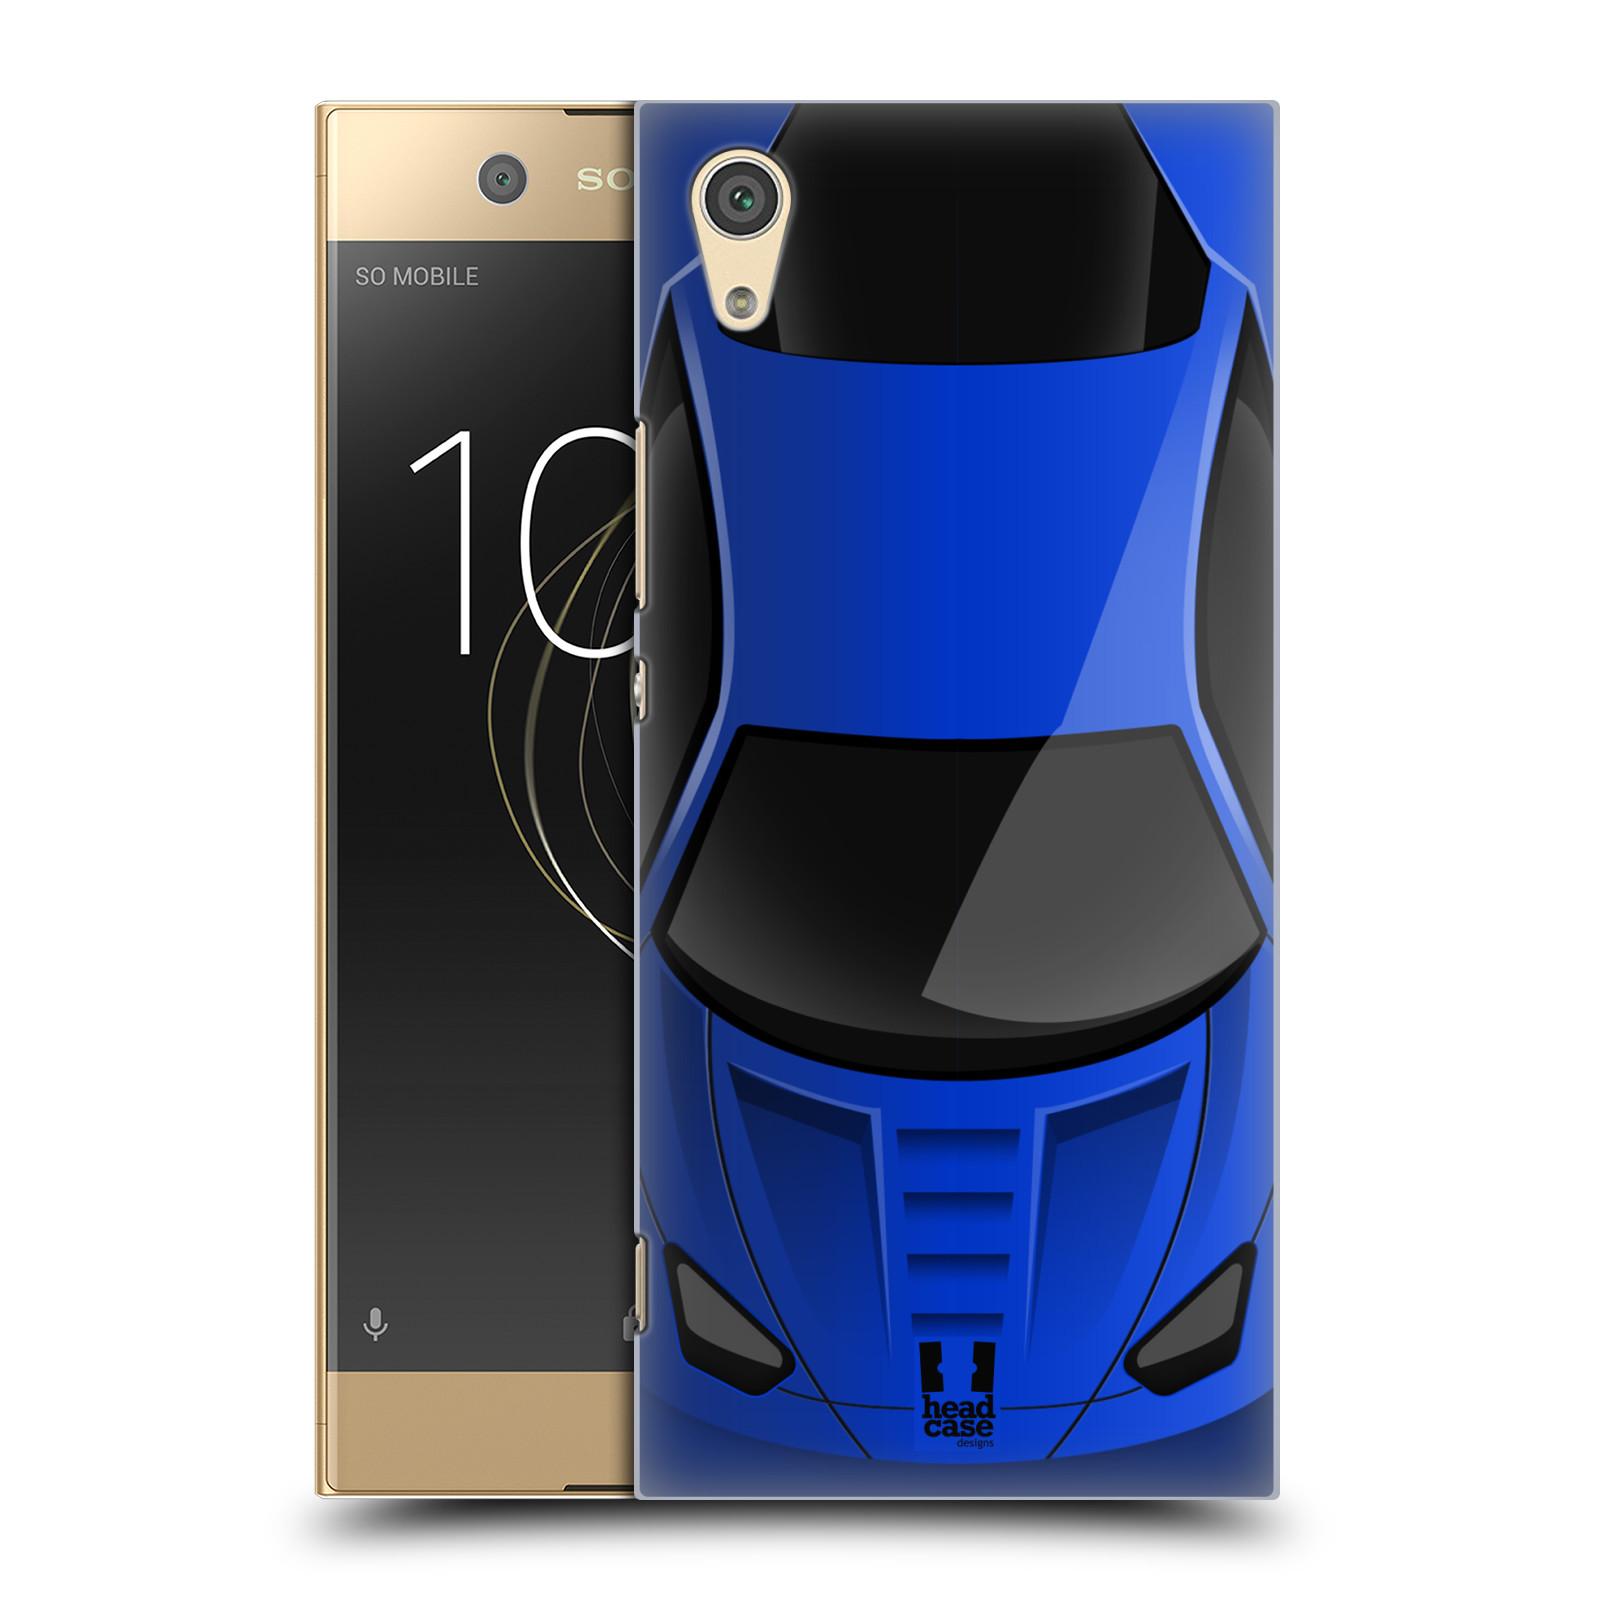 Plastové pouzdro na mobil Sony Xperia XA1 - Head Case - AUTO MODRÉ (Plastový kryt či obal na mobilní telefon Sony Xperia XA1 G3121 s motivem AUTO MODRÉ)